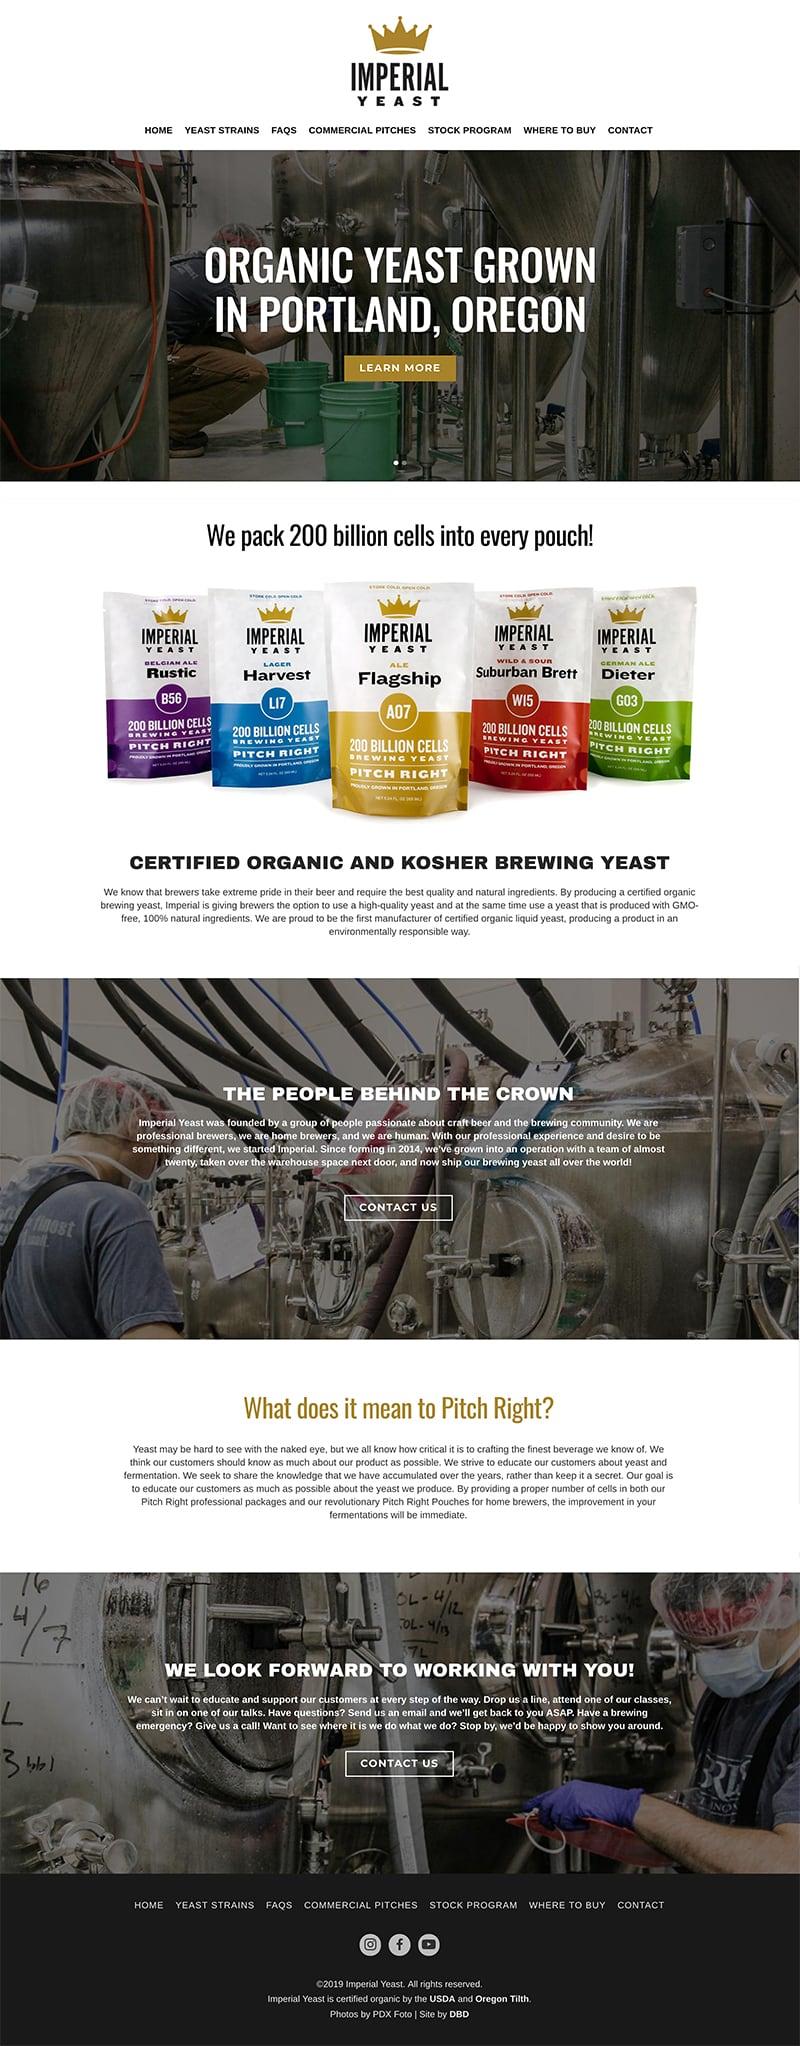 Imperial Yeast Website